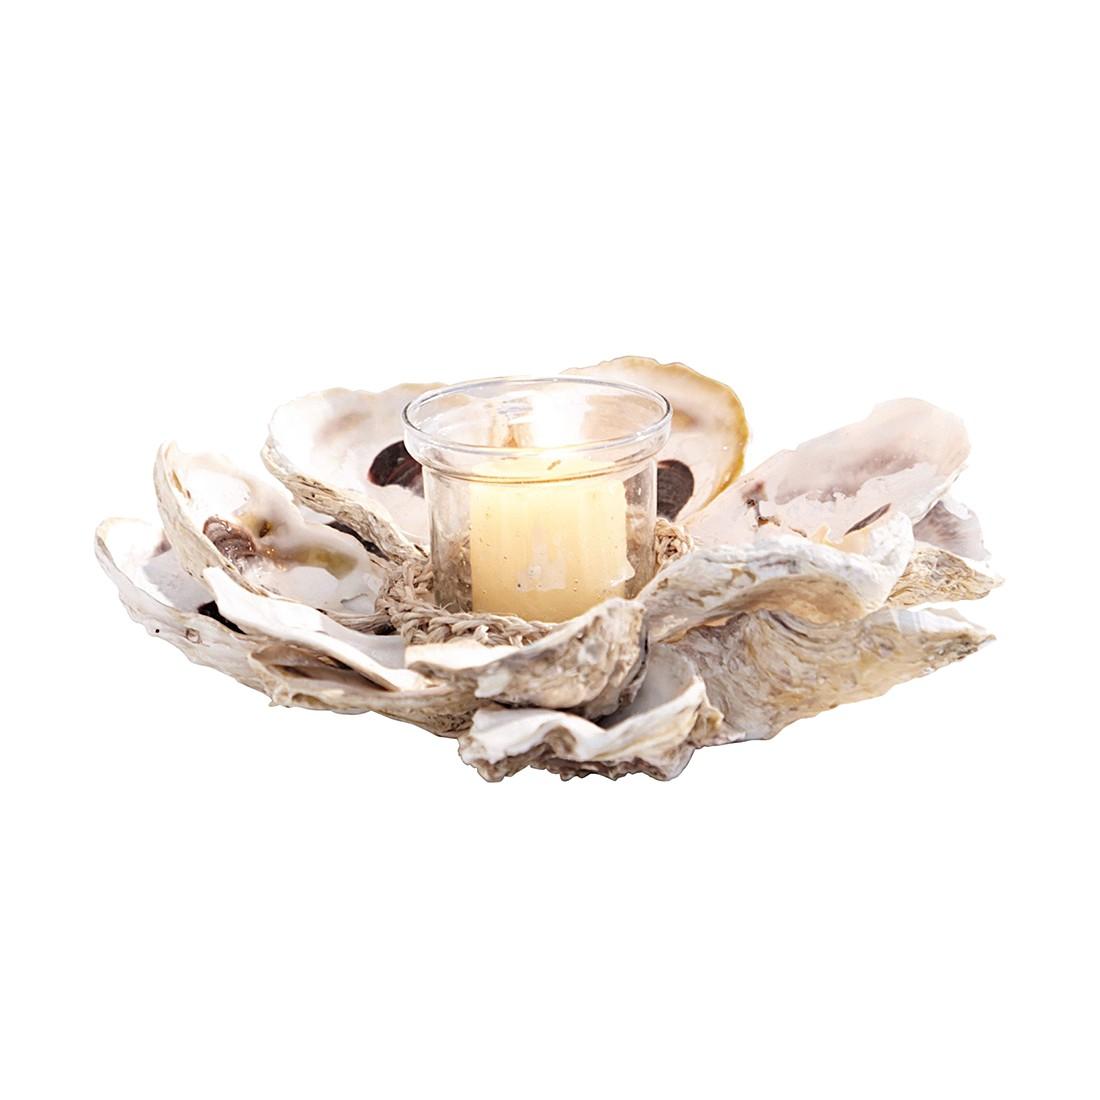 Windlicht 2er Set Shana – Austern/Manilahanf mit Glaseinsatz natur, Loberon jetzt kaufen